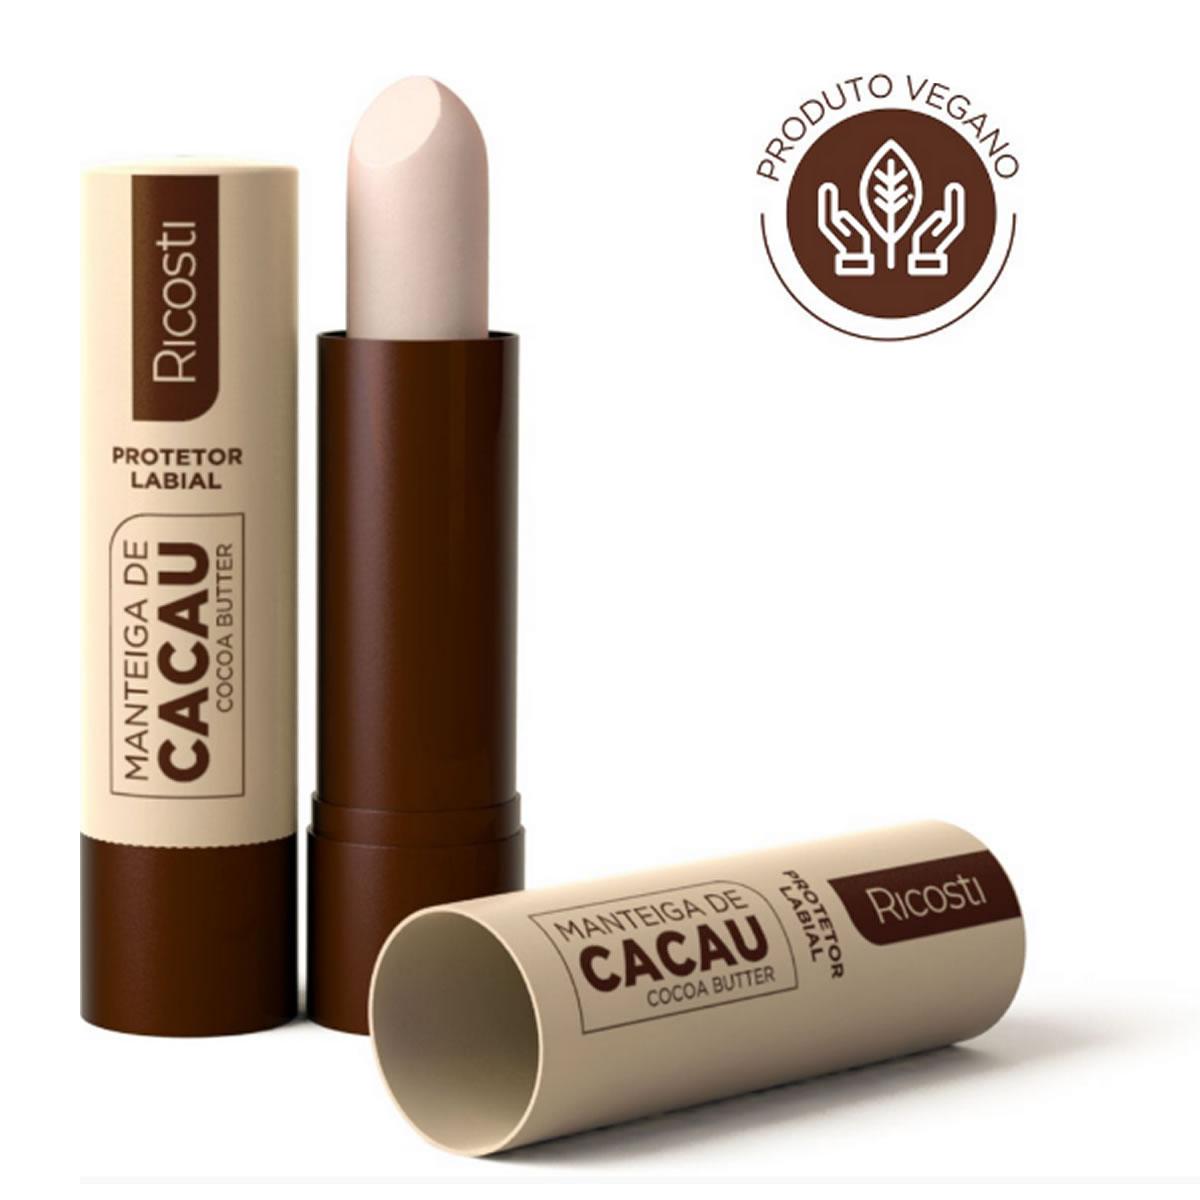 Protetor Labial Manteiga de Cacau Bastão - Ricosti